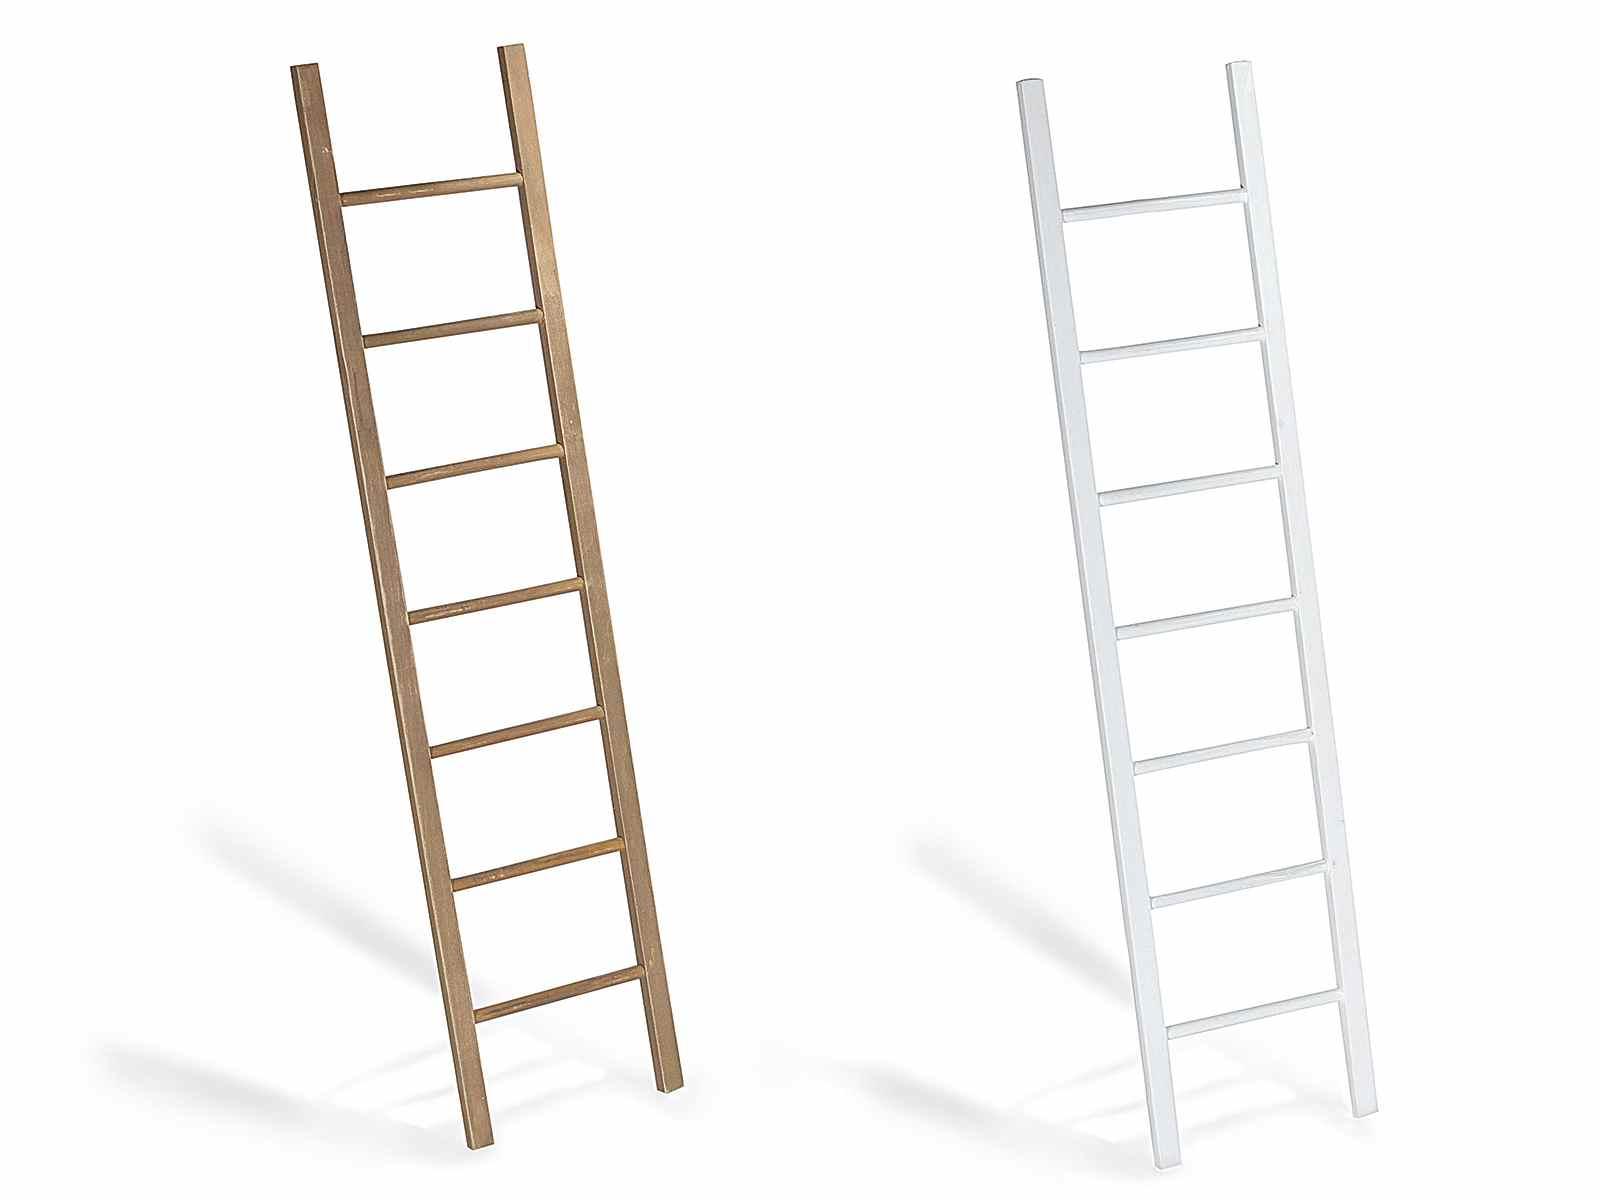 Escalera decorativa de madera art from italy for Escalera decorativa